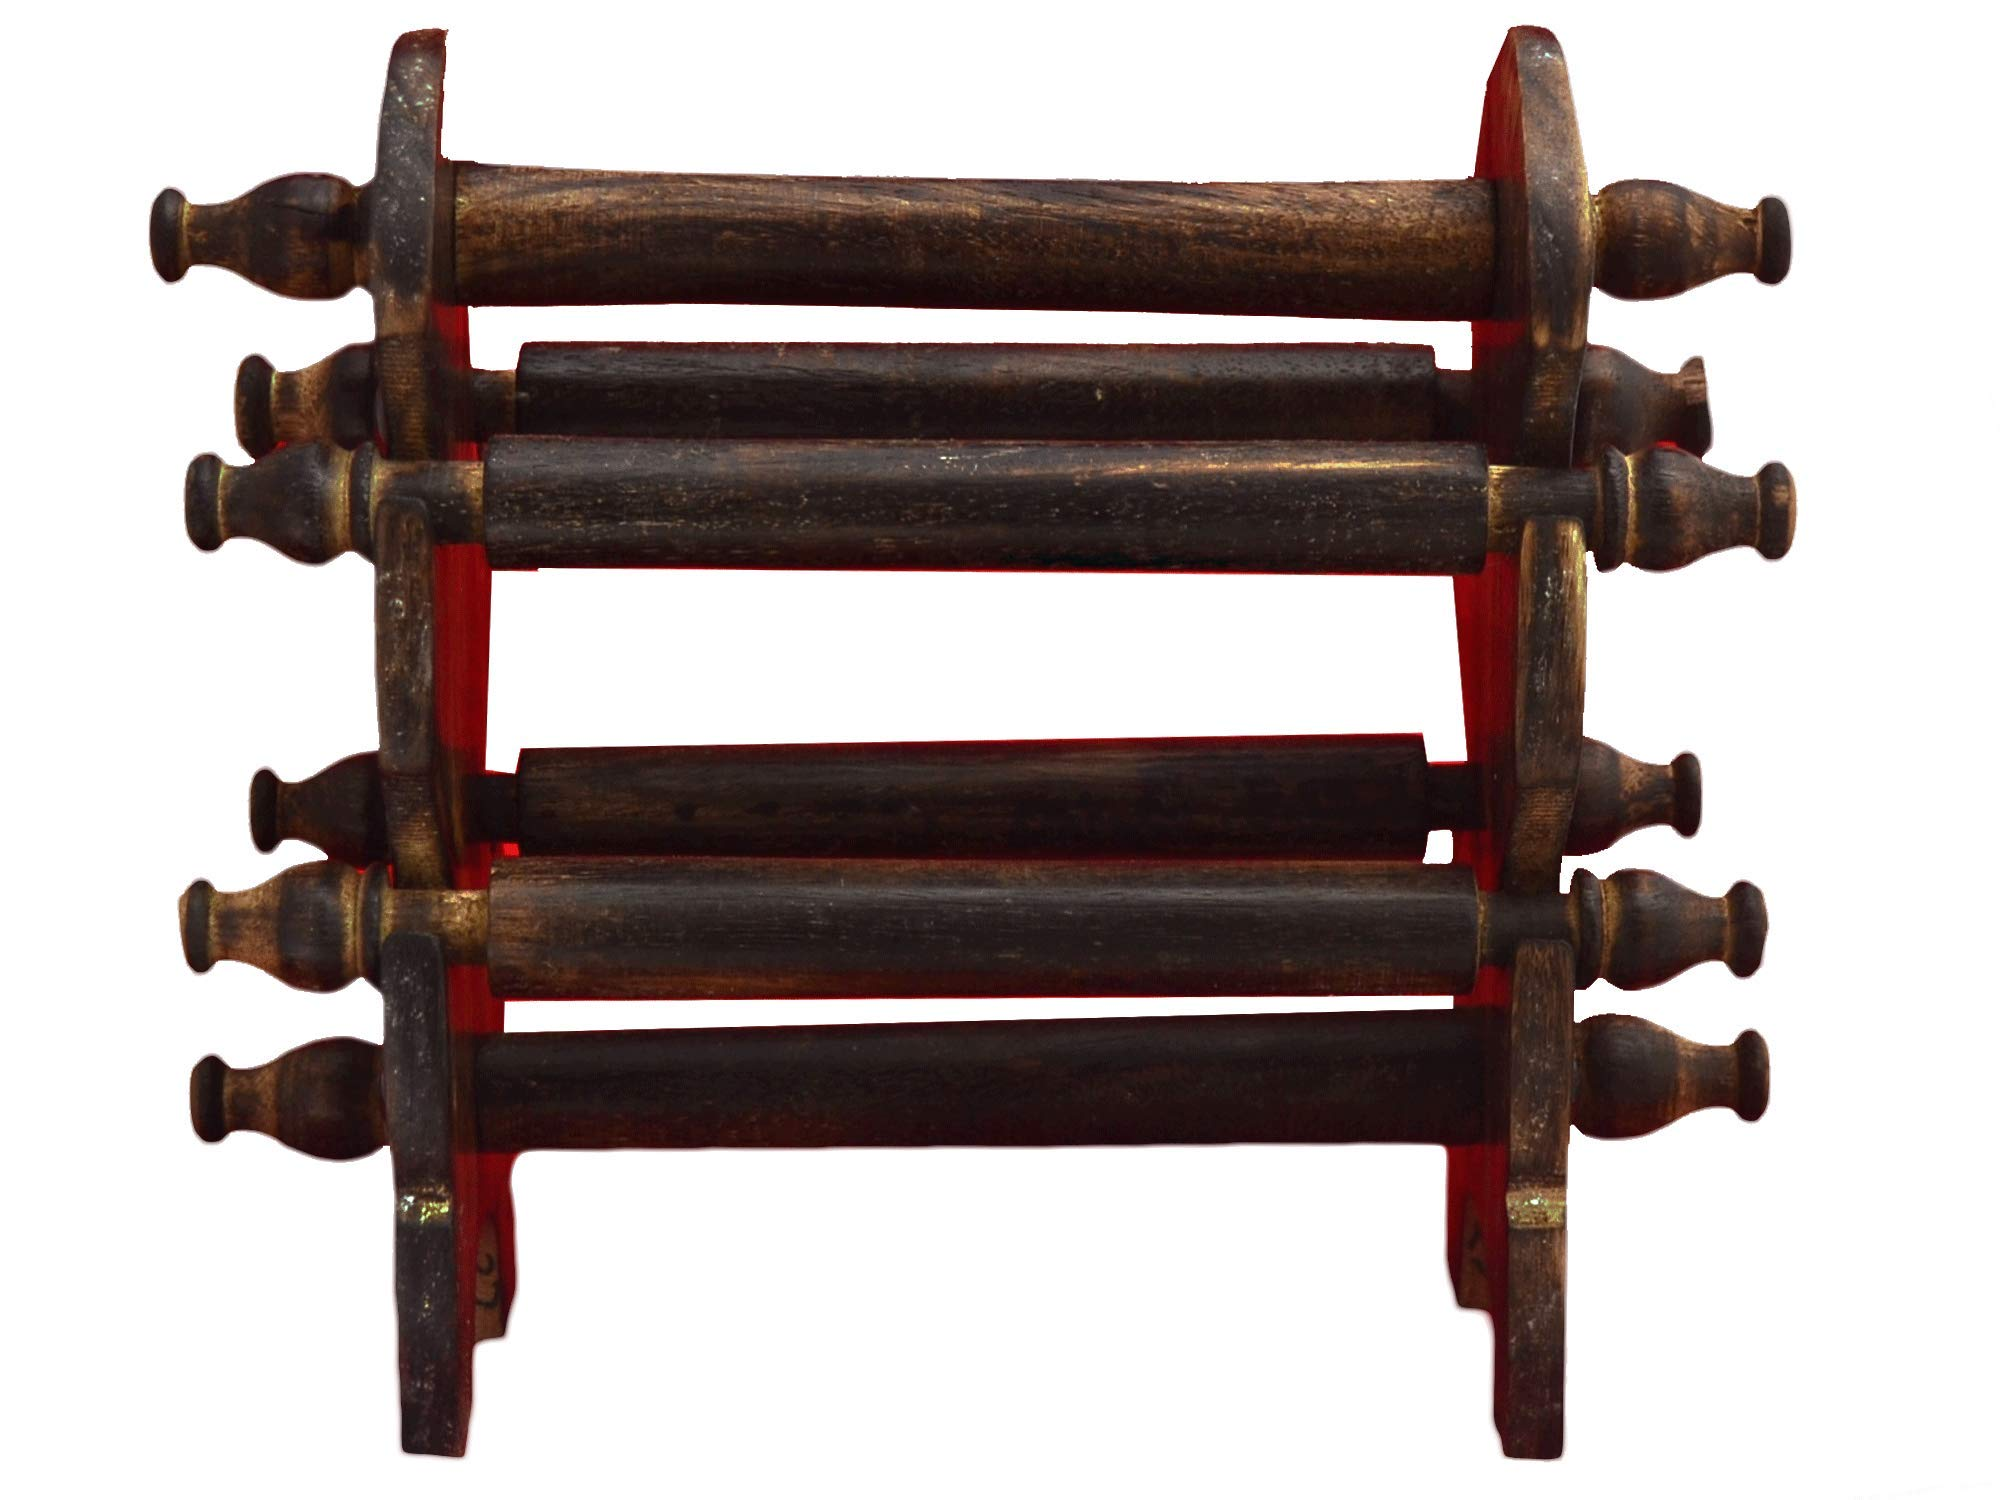 ETROVES 木制手工 6 杆珠宝展示架,塔项链手镯手链手表支架,手镯整理器,家居装饰配饰 24.13 厘米